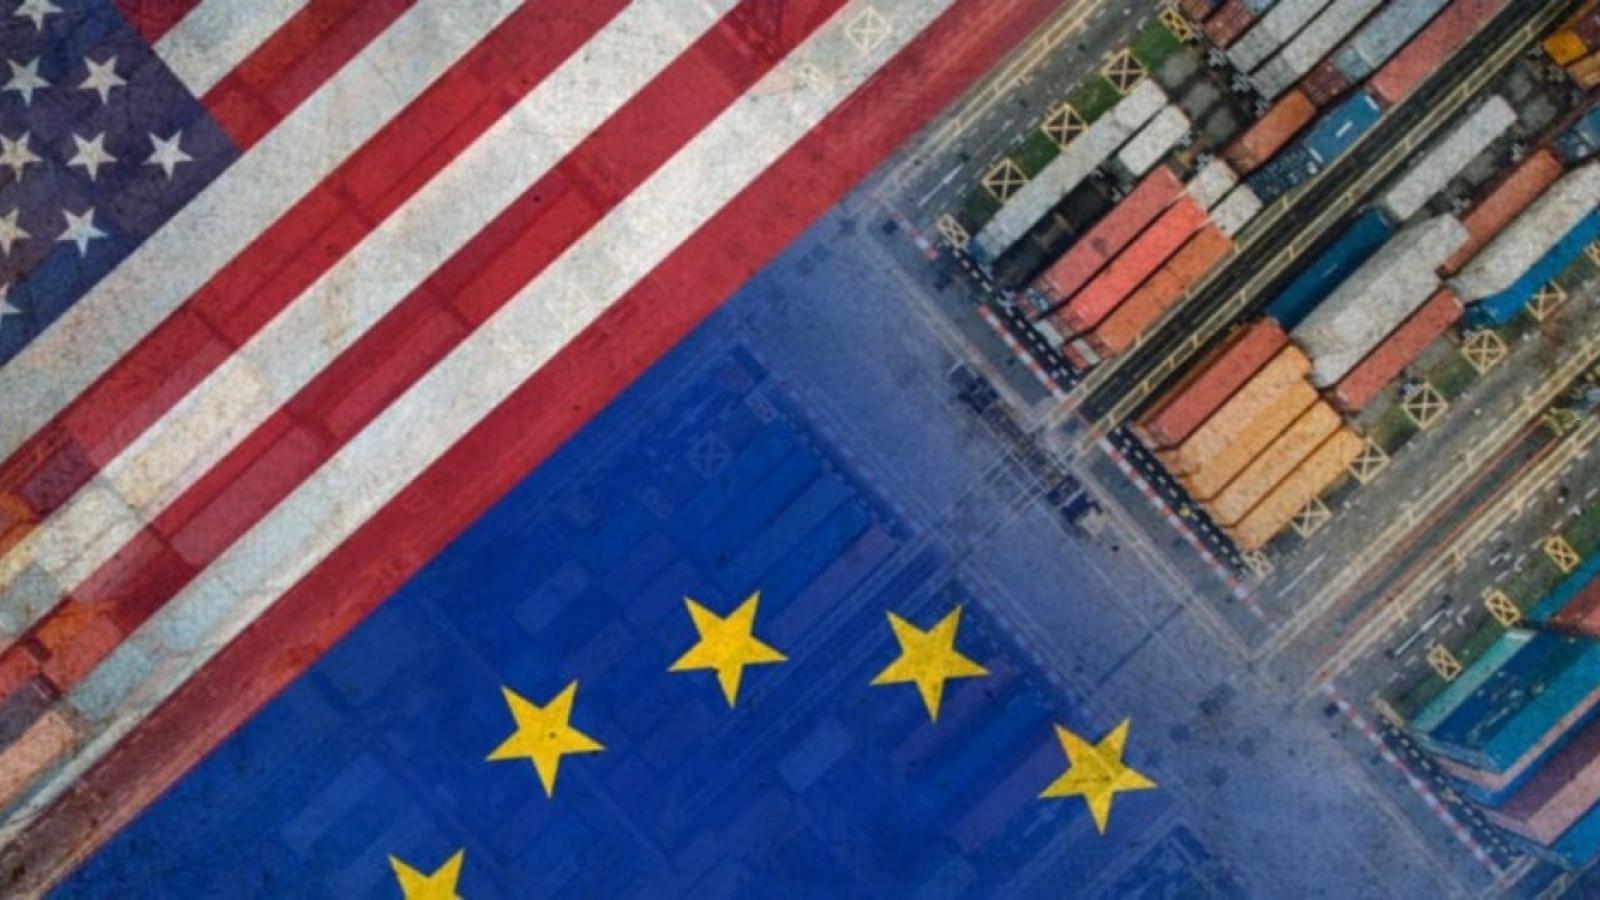 Mỹ- EU đàm phán nhằm hóa giải tranh chấp thương mại về thuế nhôm và thép